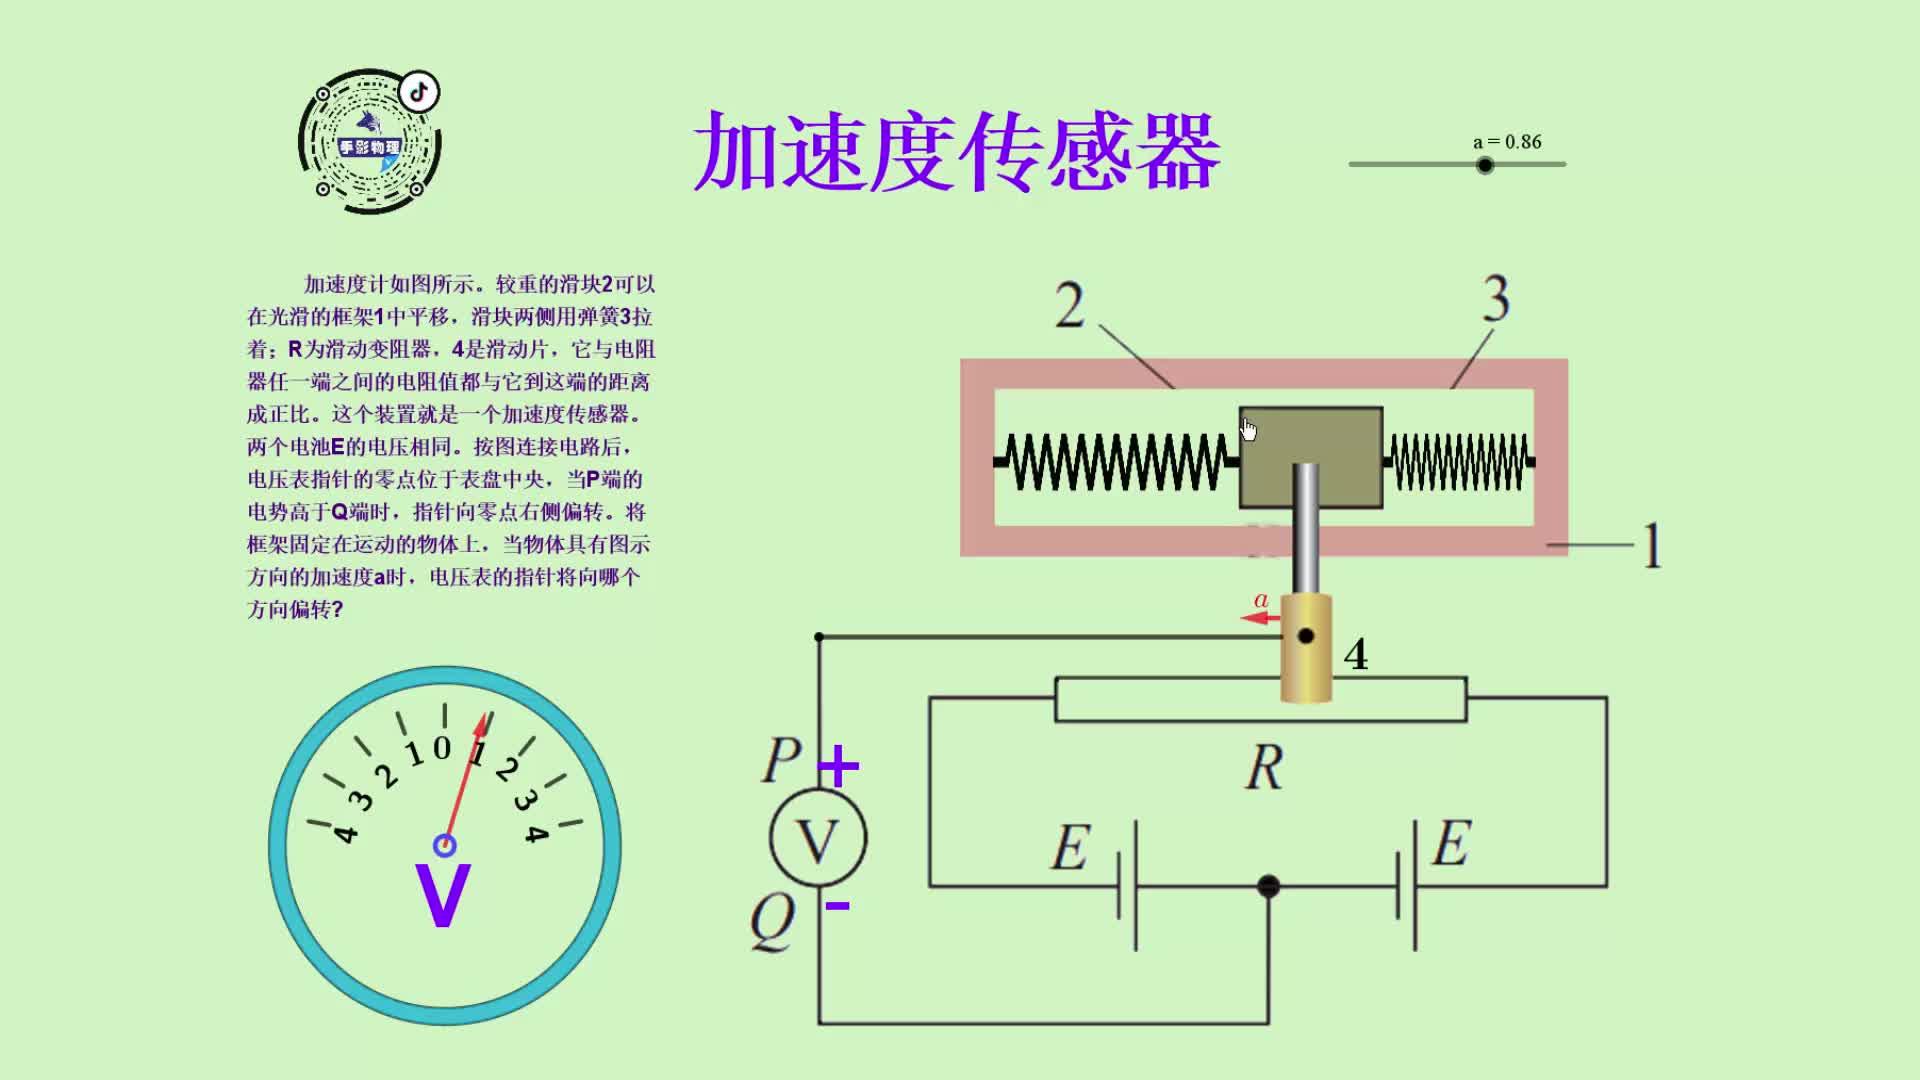 某同学设计来一个加速度计,如图所示。将框架固定在运动的物体上,当物体具有加速度a是,电压表的指针将向哪个方向偏转?教材第105页。